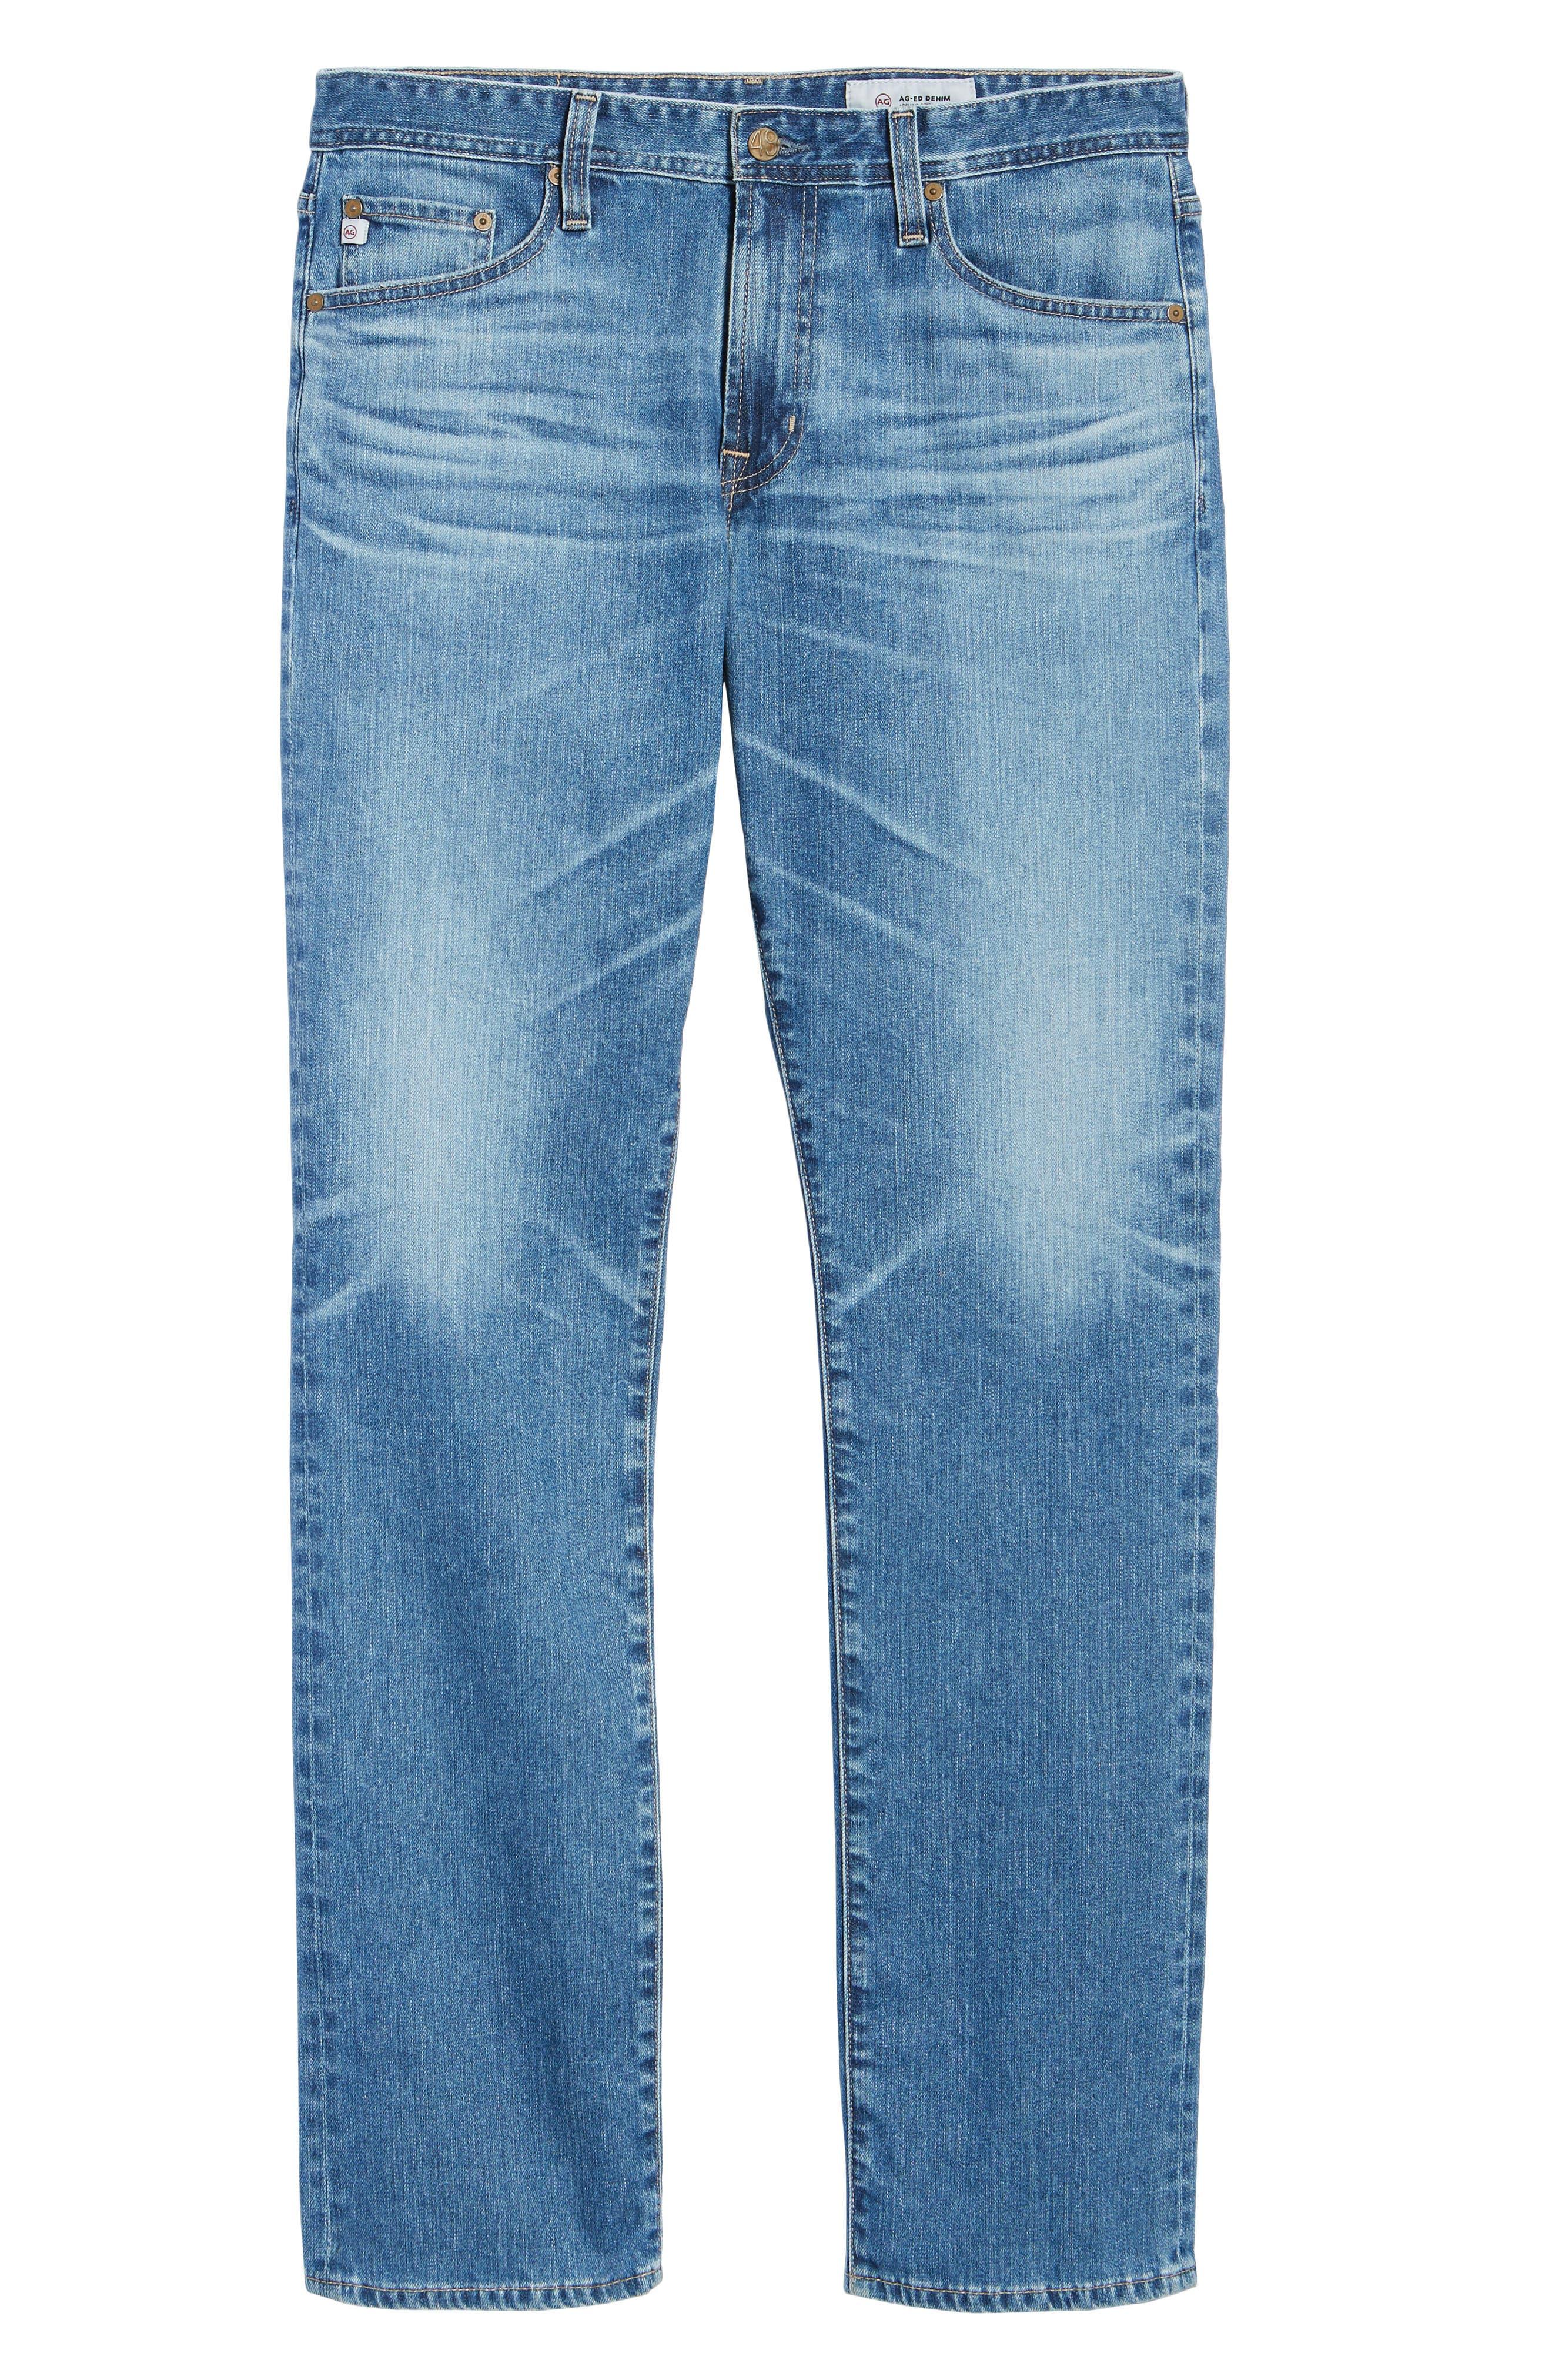 Everett Slim Straight Leg Jeans,                             Alternate thumbnail 6, color,                             15 Years Open Road